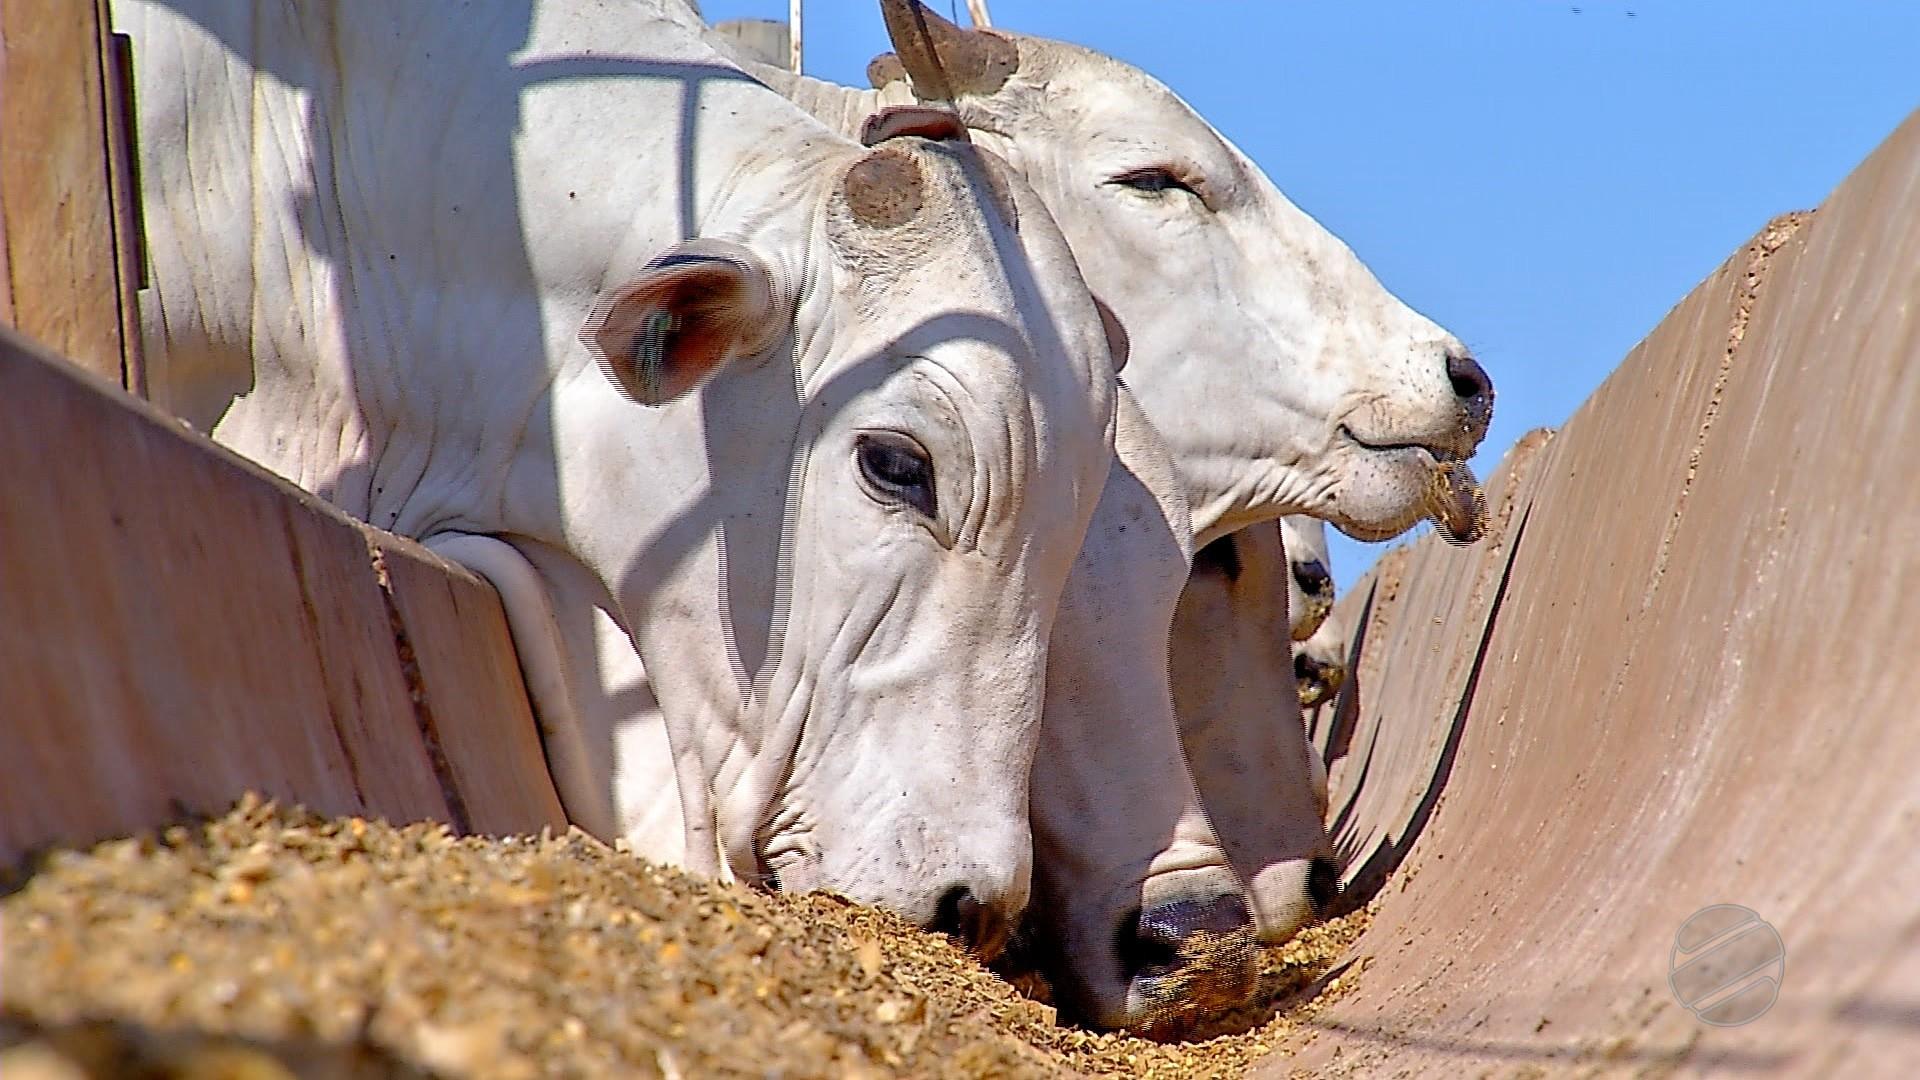 Argentinos sacrificam vacas reprodutoras no maior nível em 30 anos por aperto financeiro e demanda chinesa - Notícias - Plantão Diário